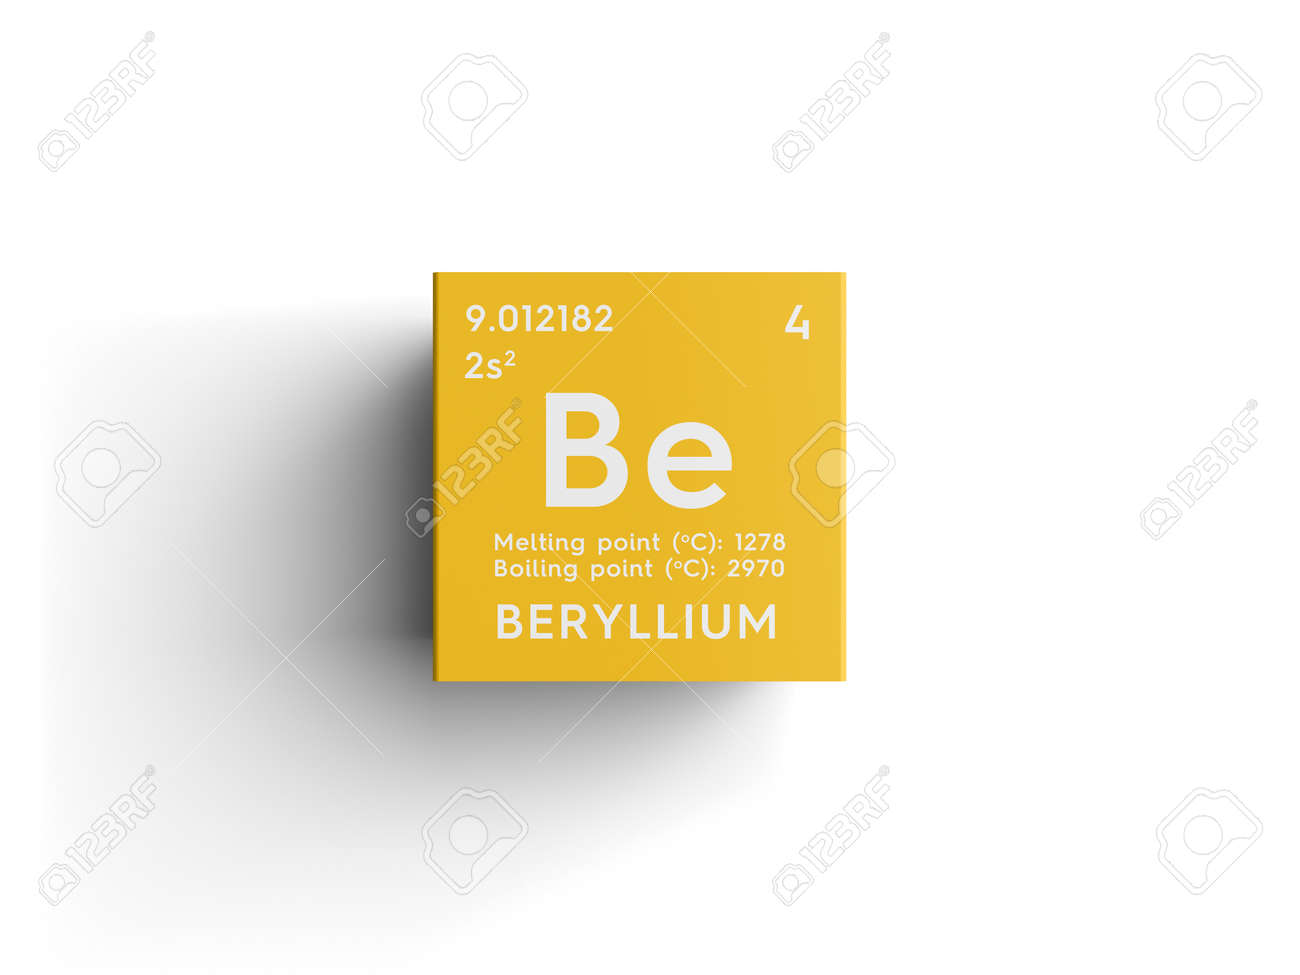 Berilio metales alcalinotrreos elemento qumico de la tabla berilio metales alcalinotrreos elemento qumico de la tabla peridica de mendeleev berilio en urtaz Gallery